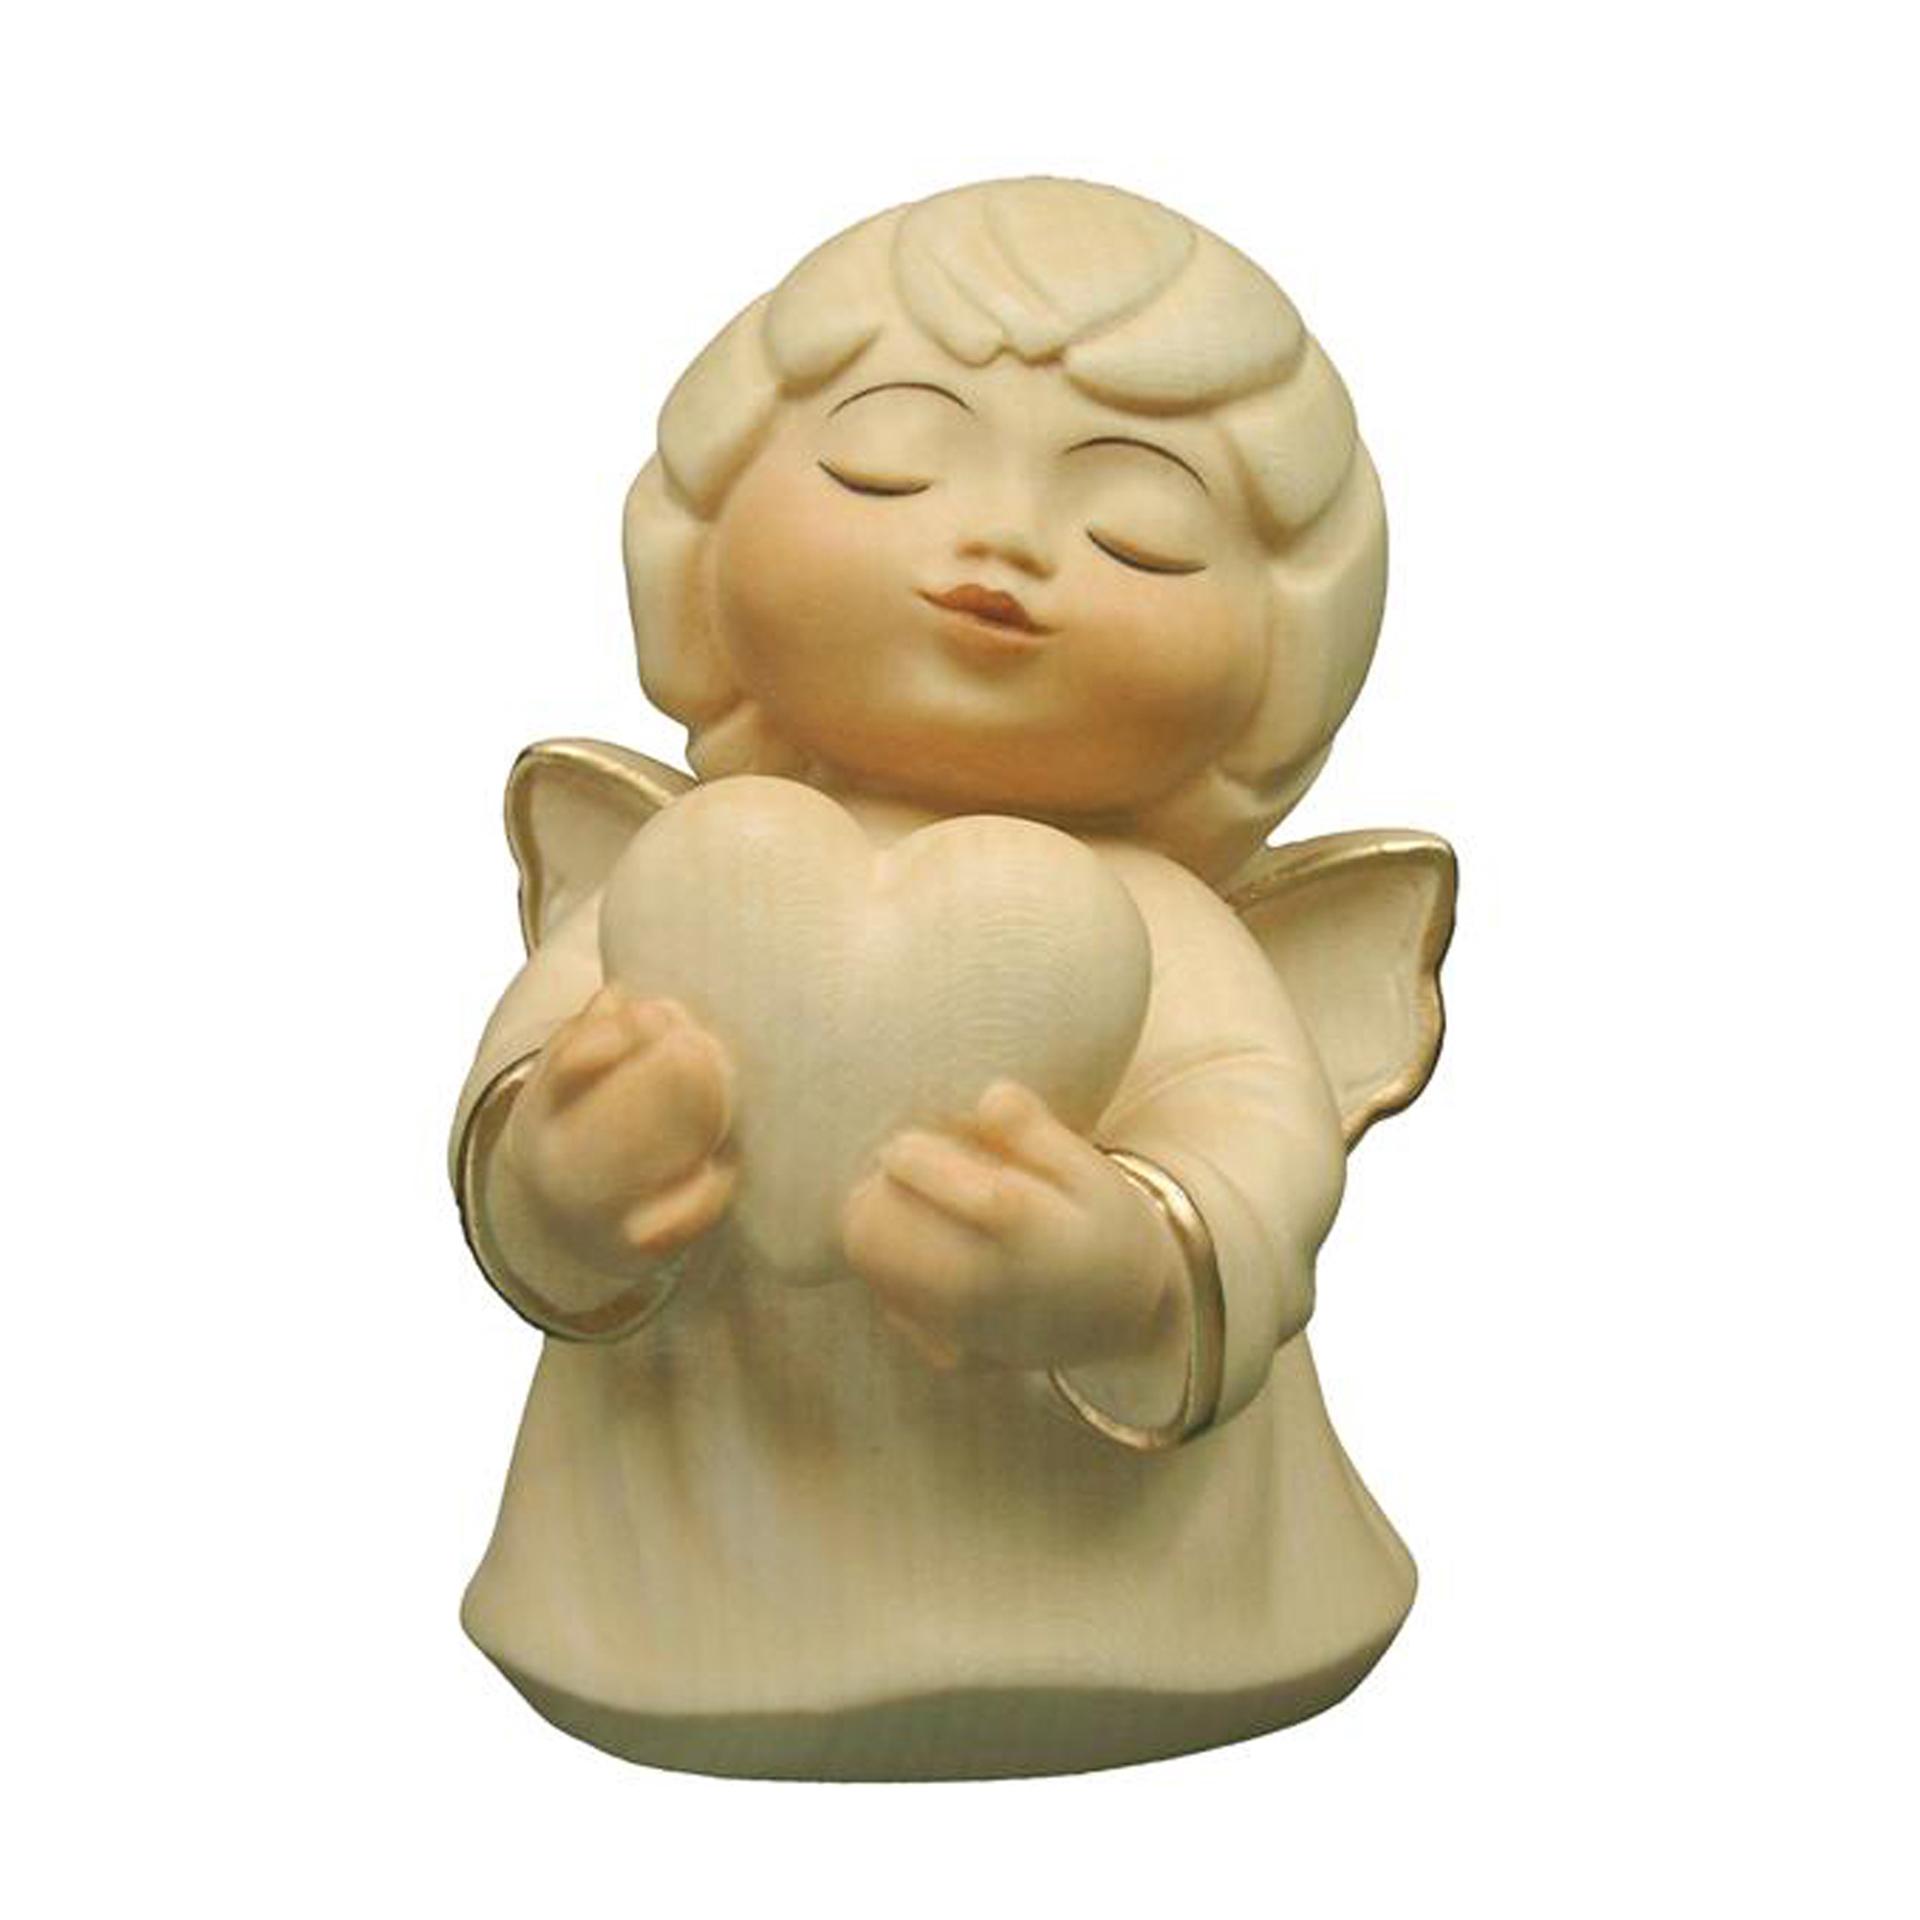 Engel mit Herz, alabaster